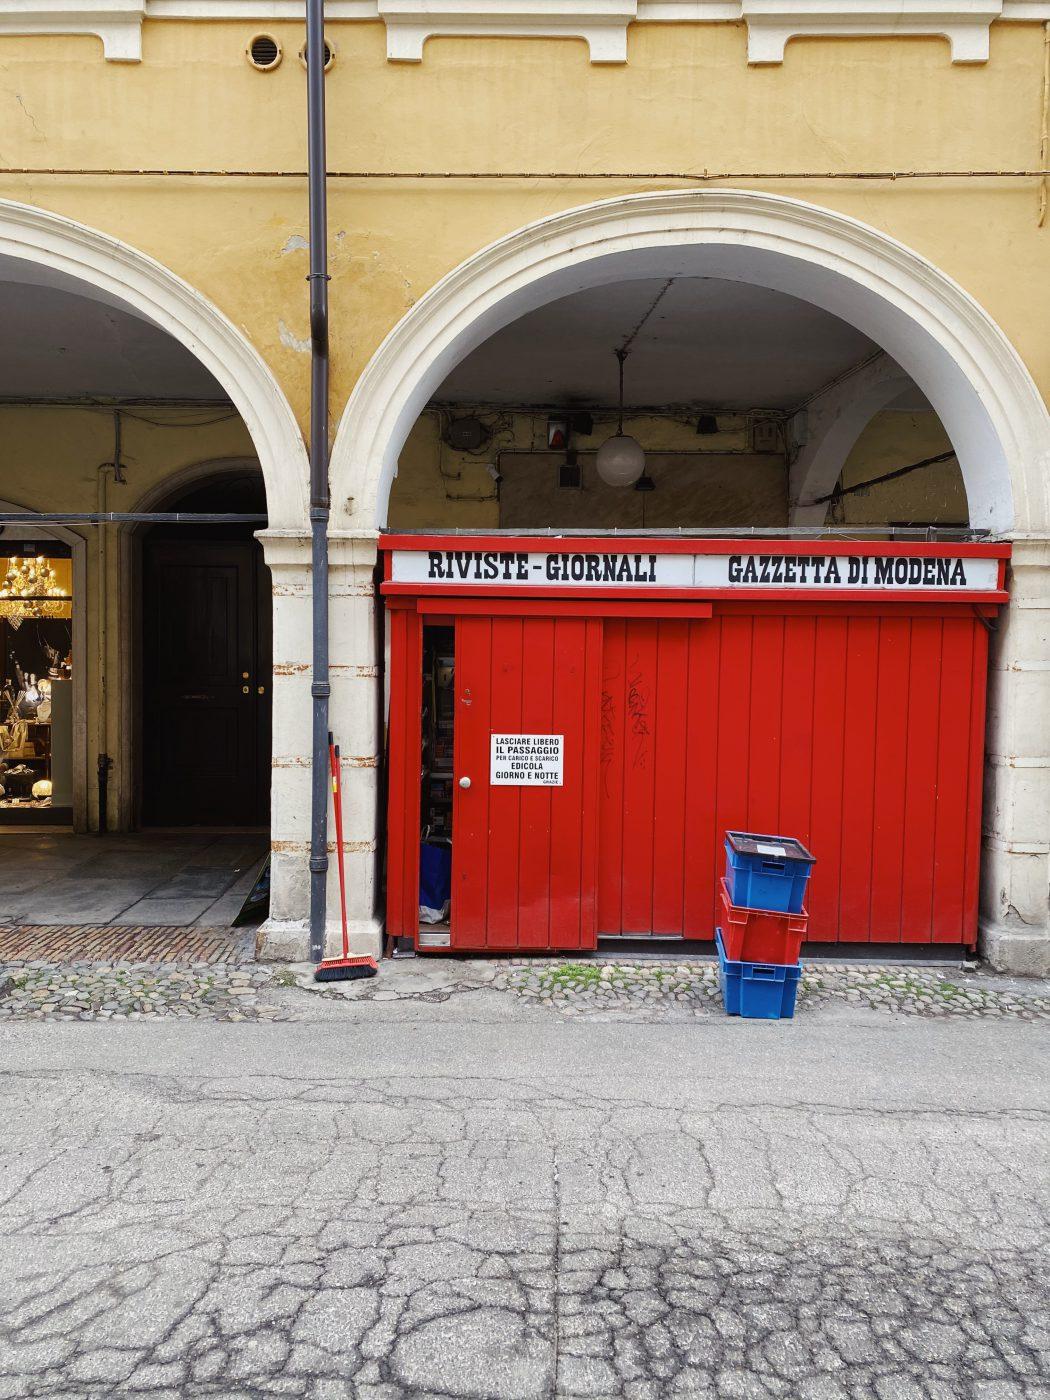 Emilia Romagna's hidden gems